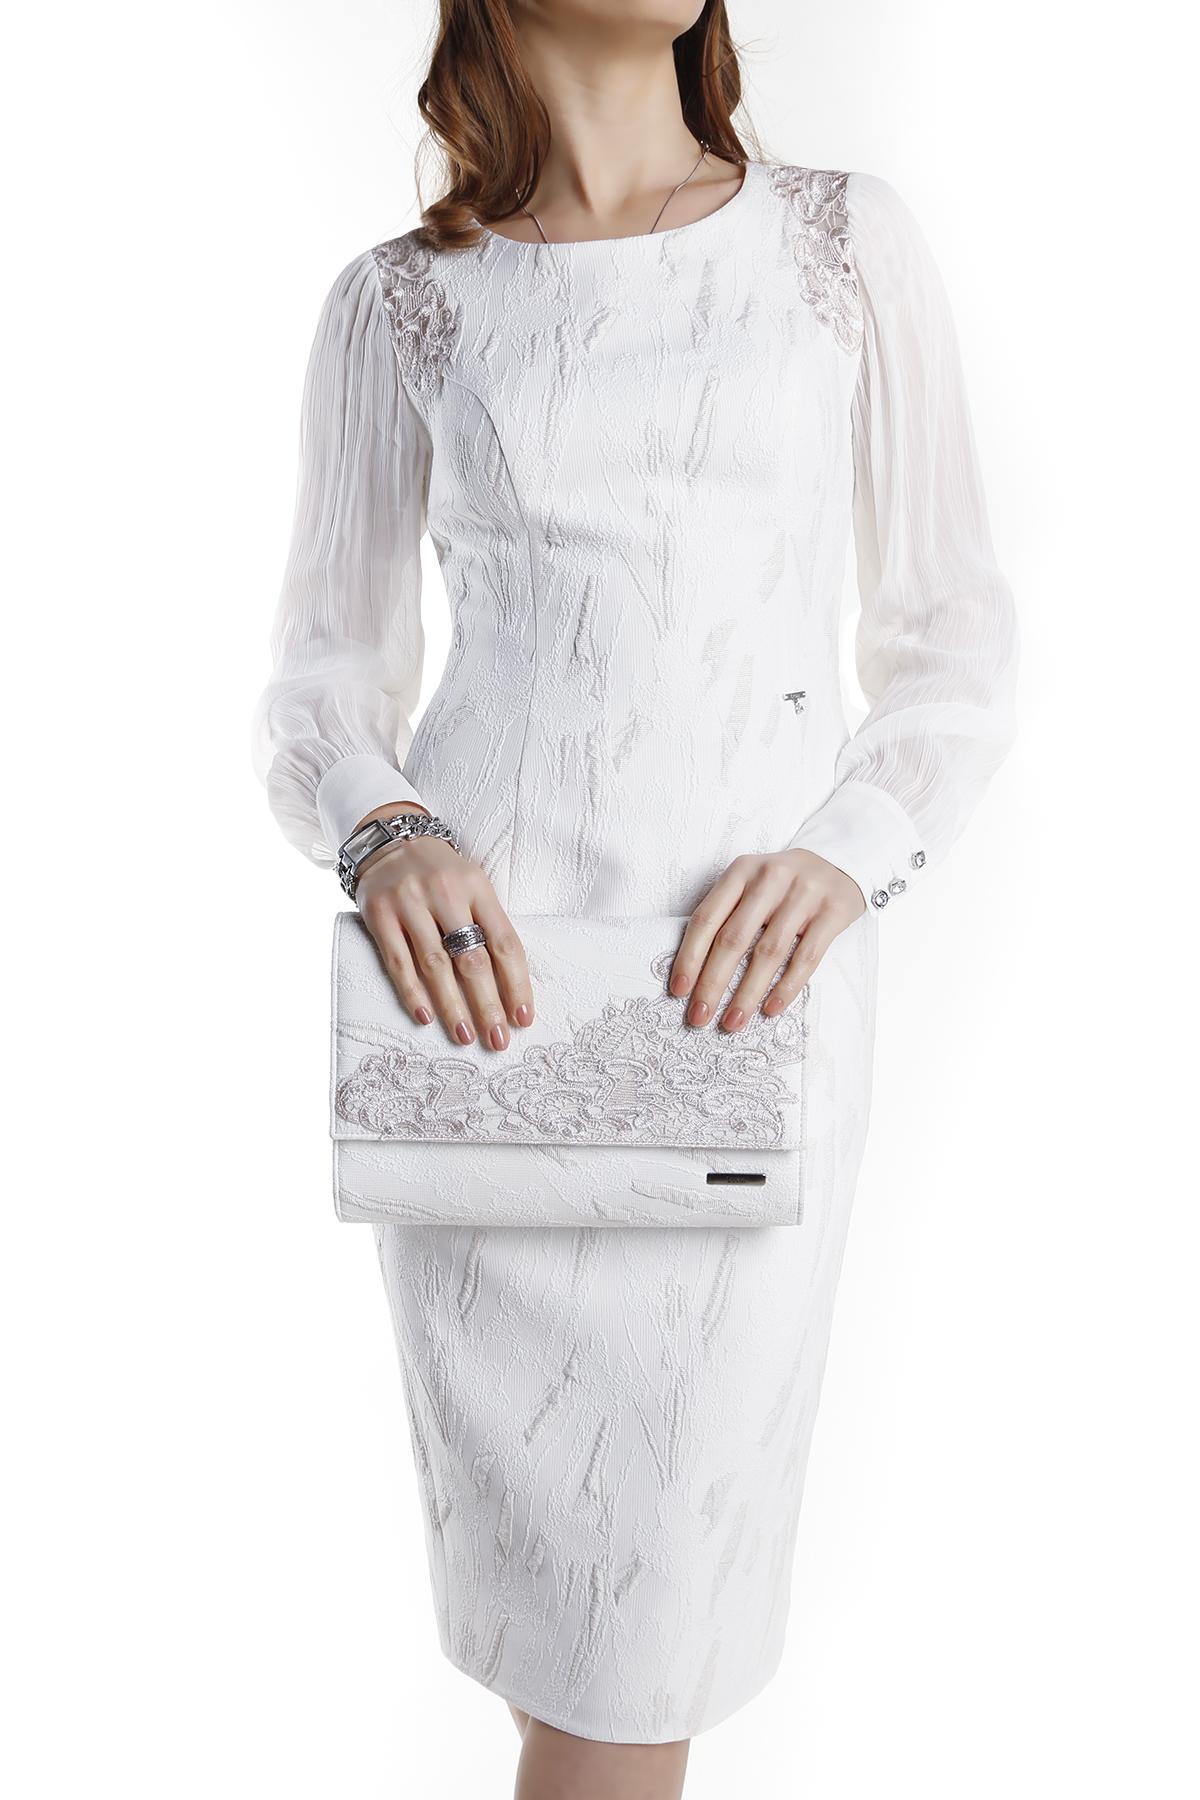 NARROW DRESS LEONA